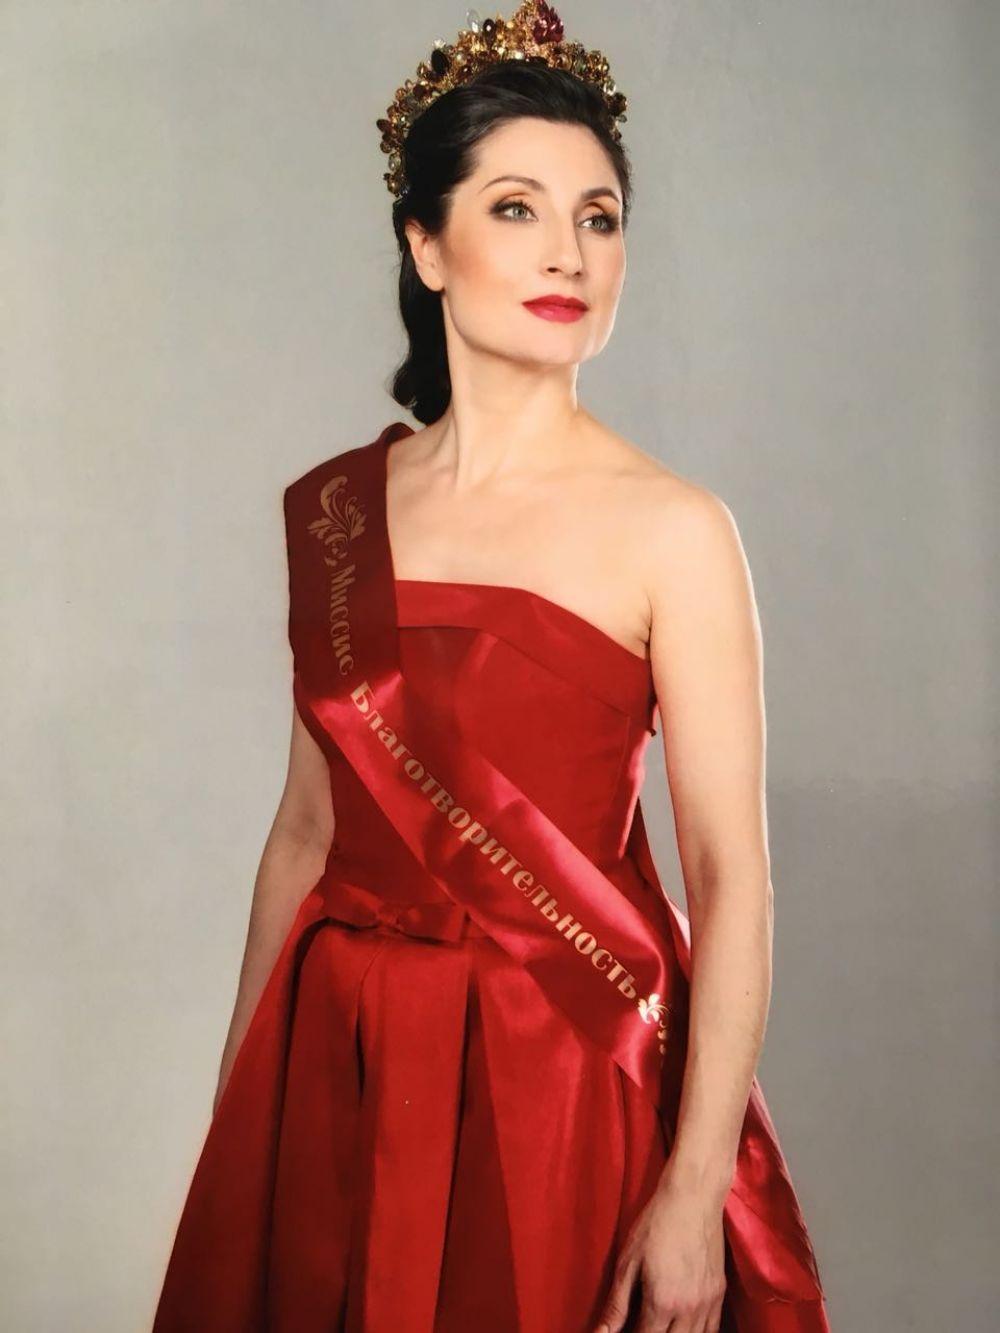 В 2017 году она стала одной из номинанток «Миссис Россия».